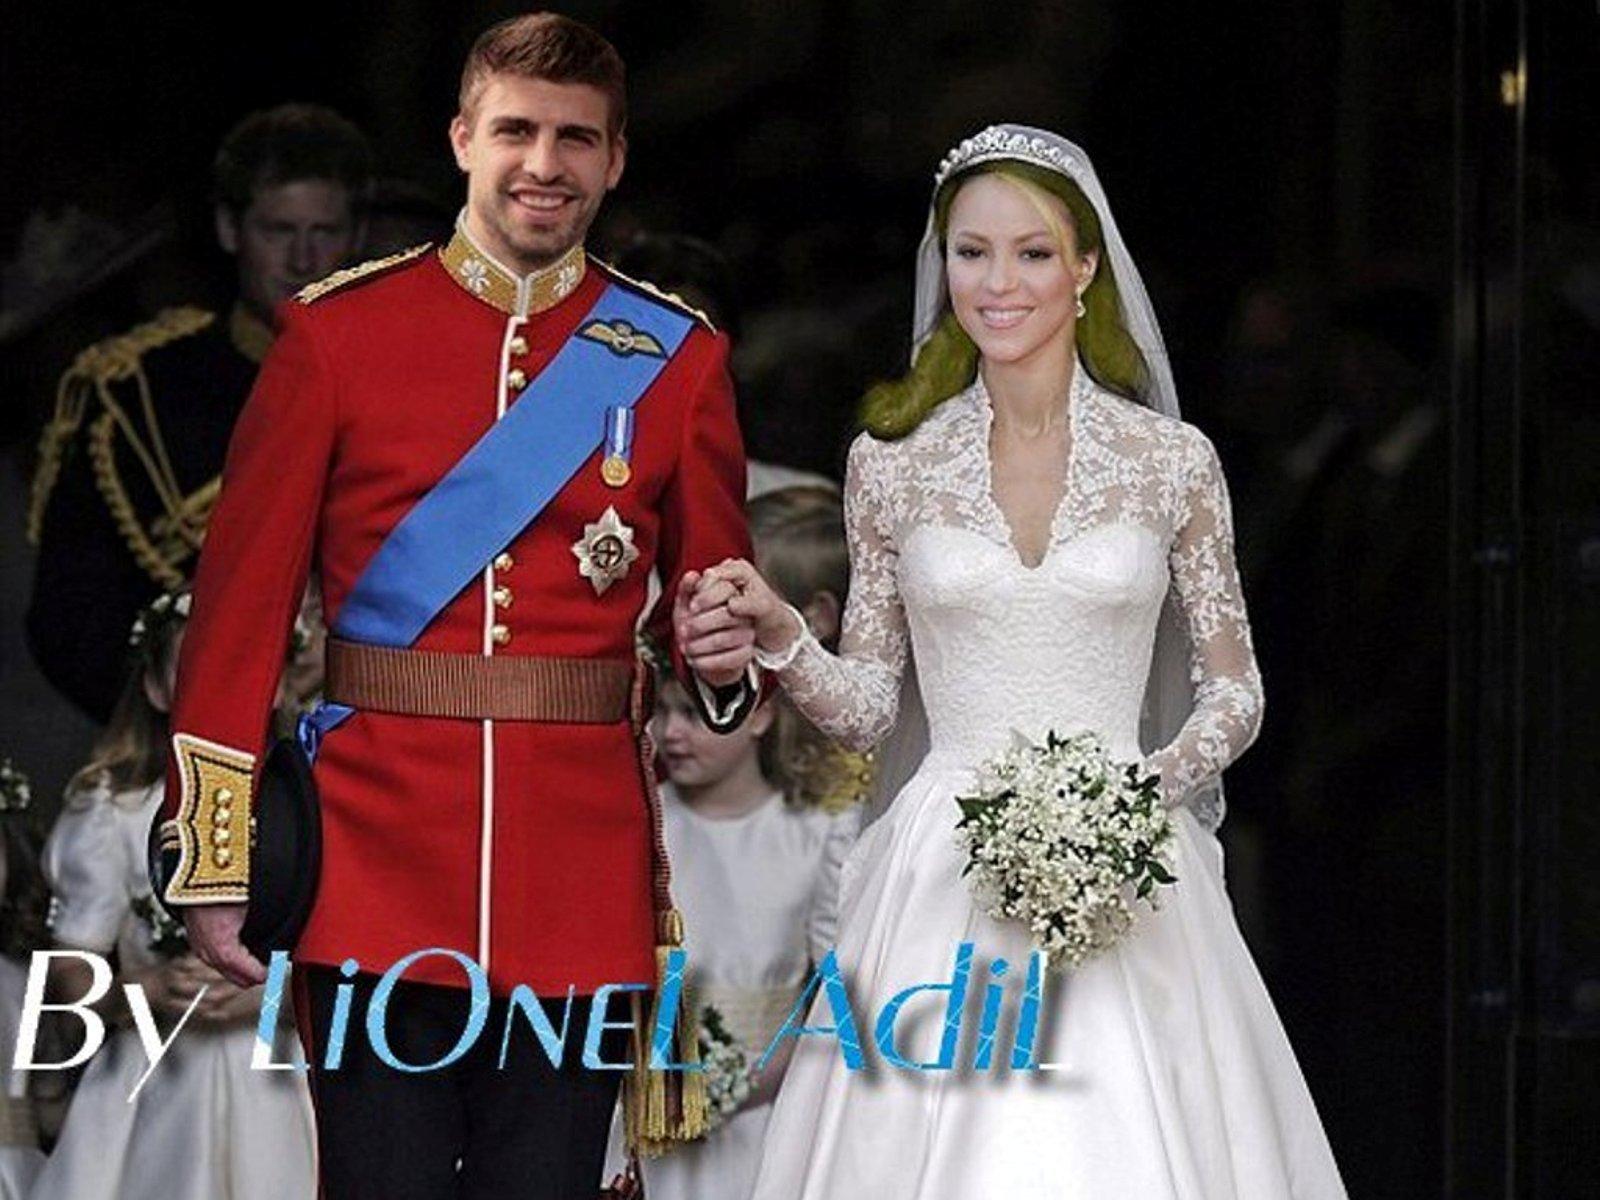 Royal Wedding Youtube.Pique And Shakira Royal Wedding Youtube Wolpeyper 21624772 Fanpop